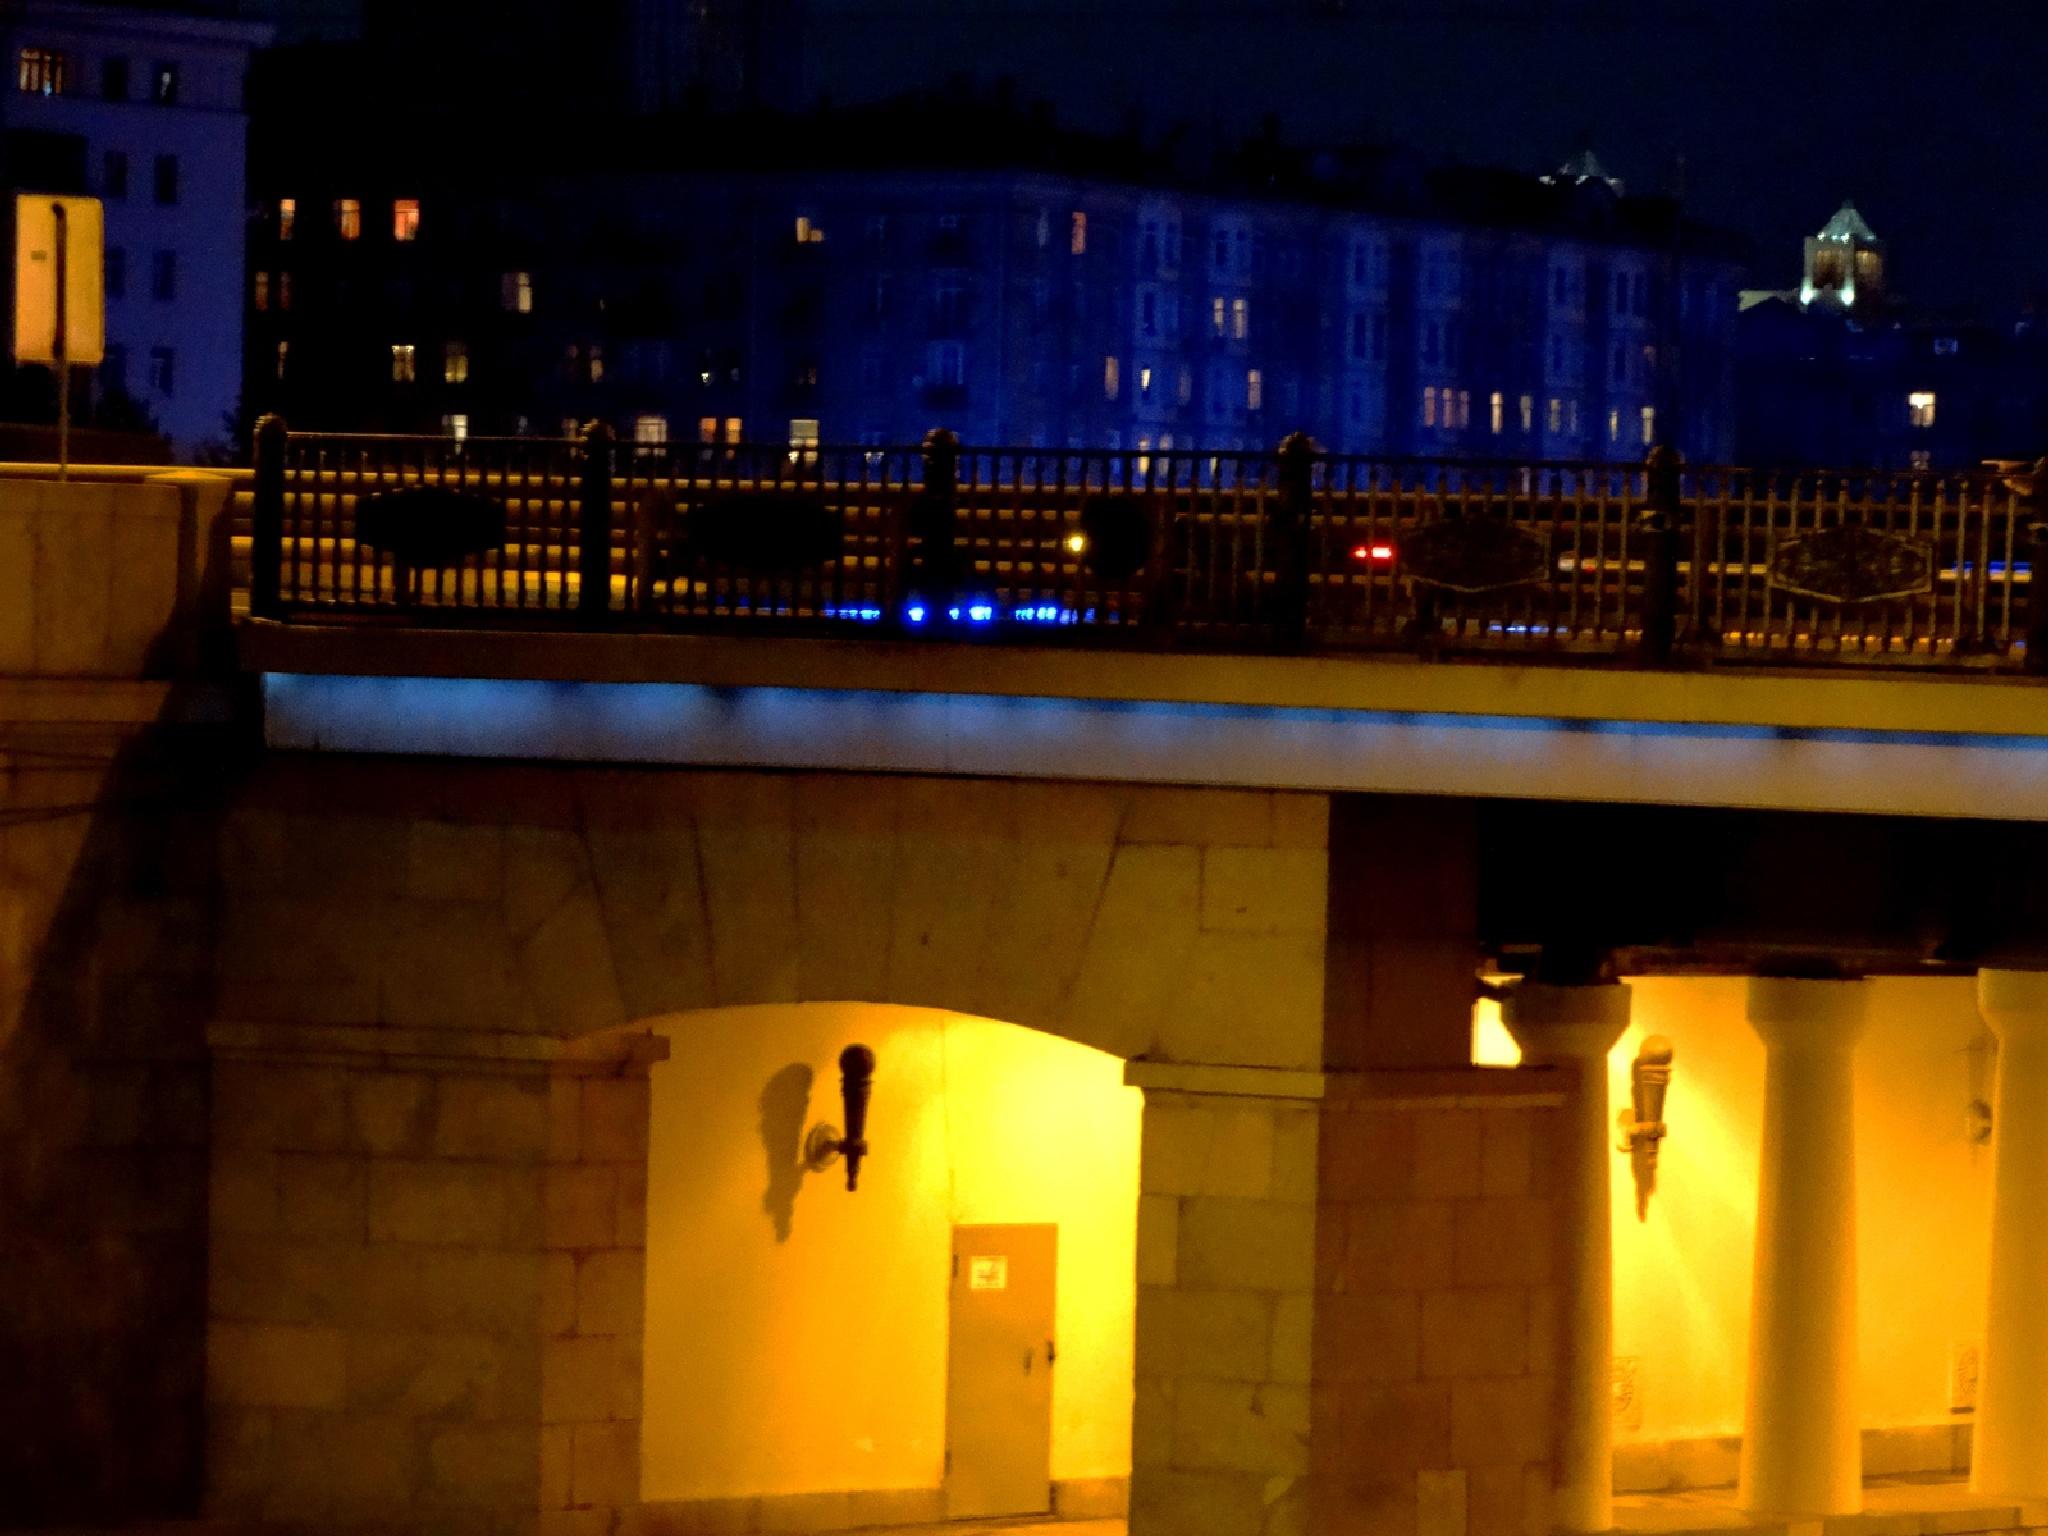 Синий дом у жёлтого моста by tarutinaolga2012